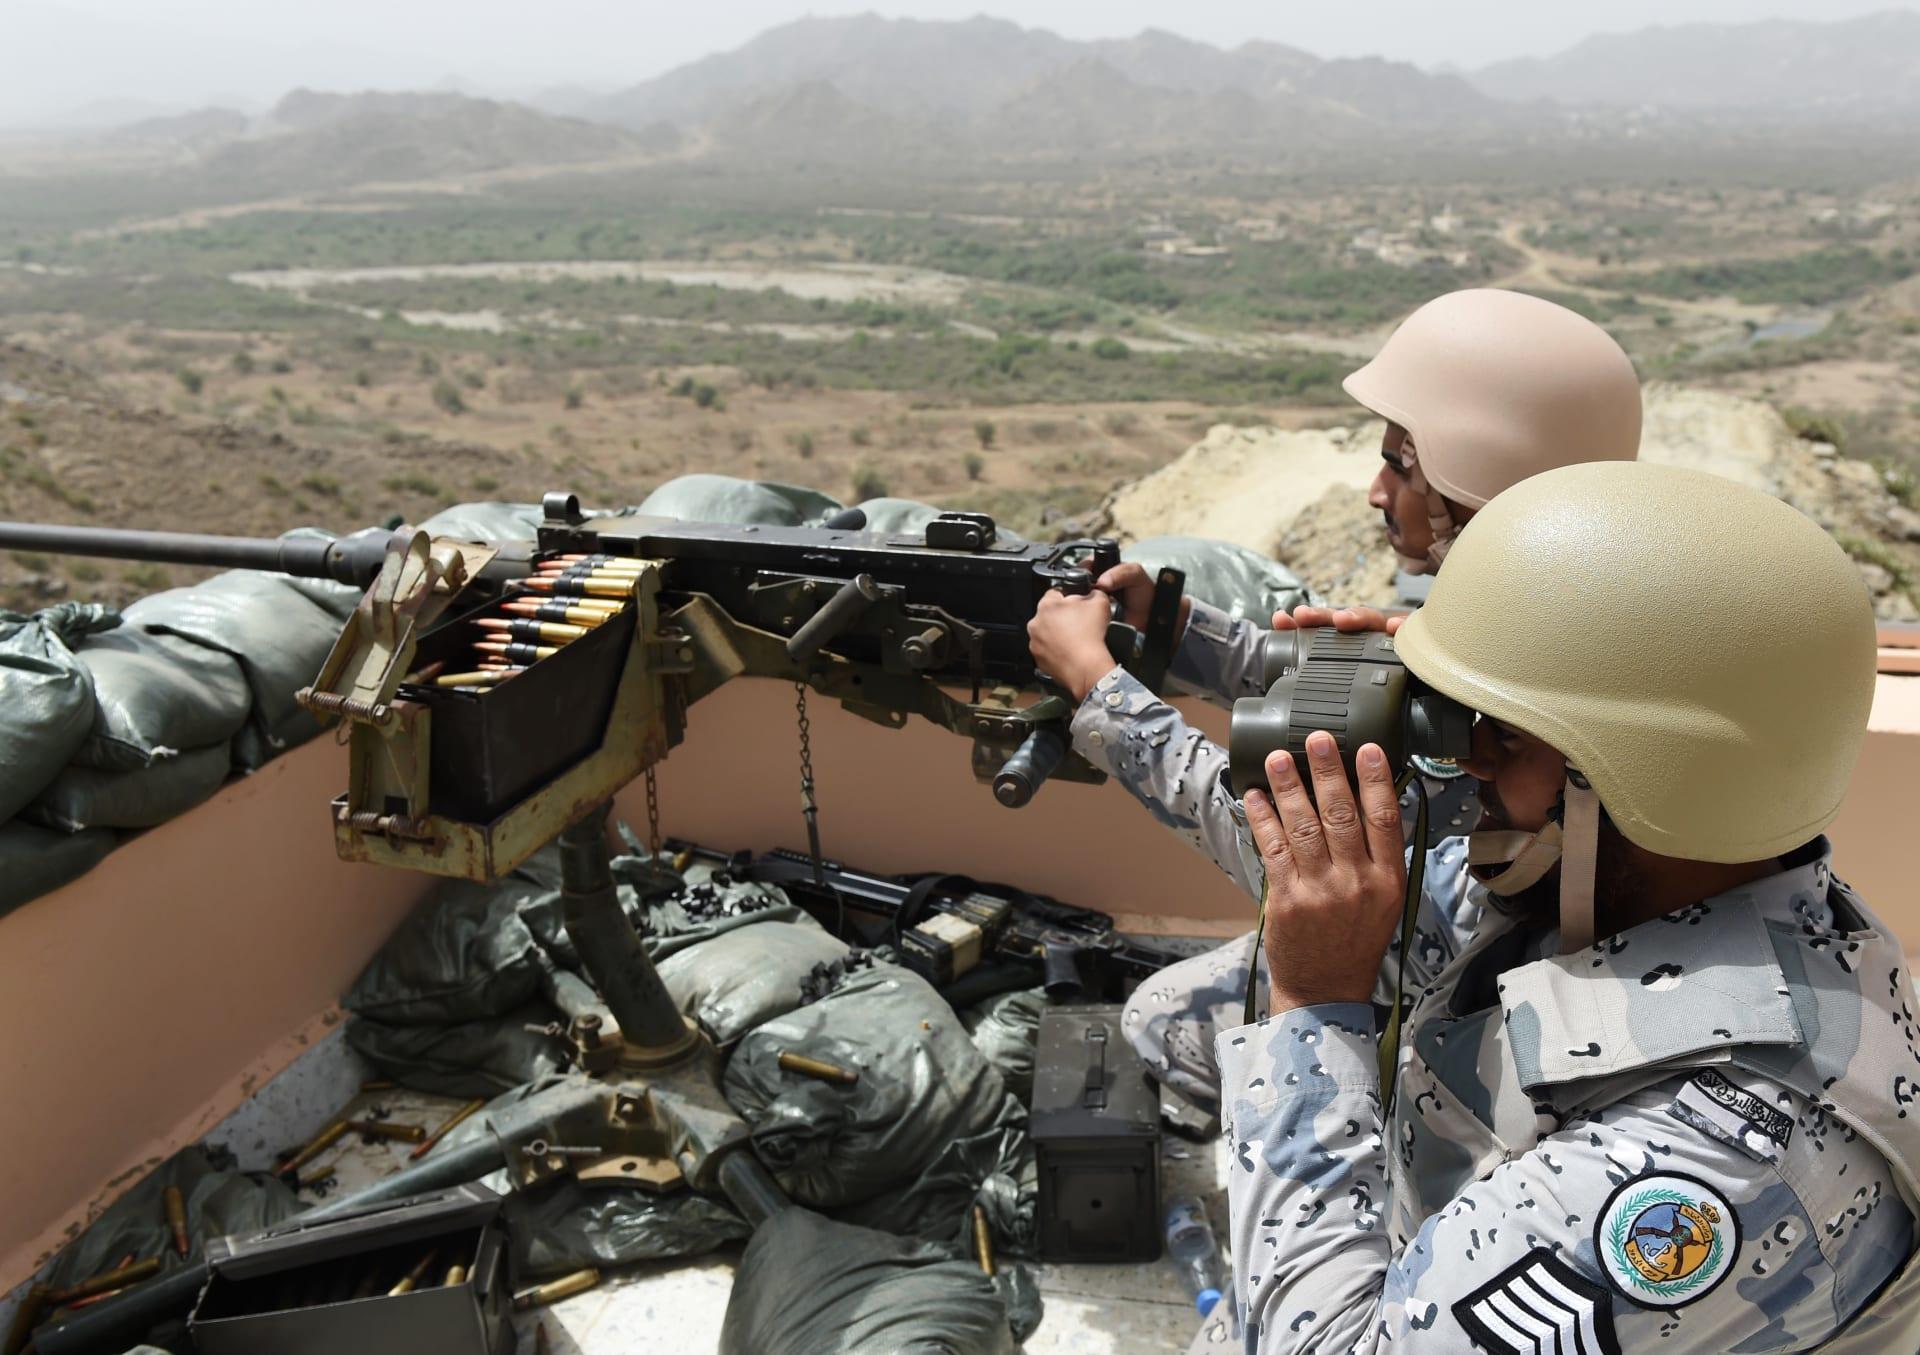 يتمركز أفراد من حرس الحدود السعودي في نقطة مراقبة على الحدود السعودية اليمنية، في جنوب غرب المملكة العربية السعودية، في 9 أبريل 2015.